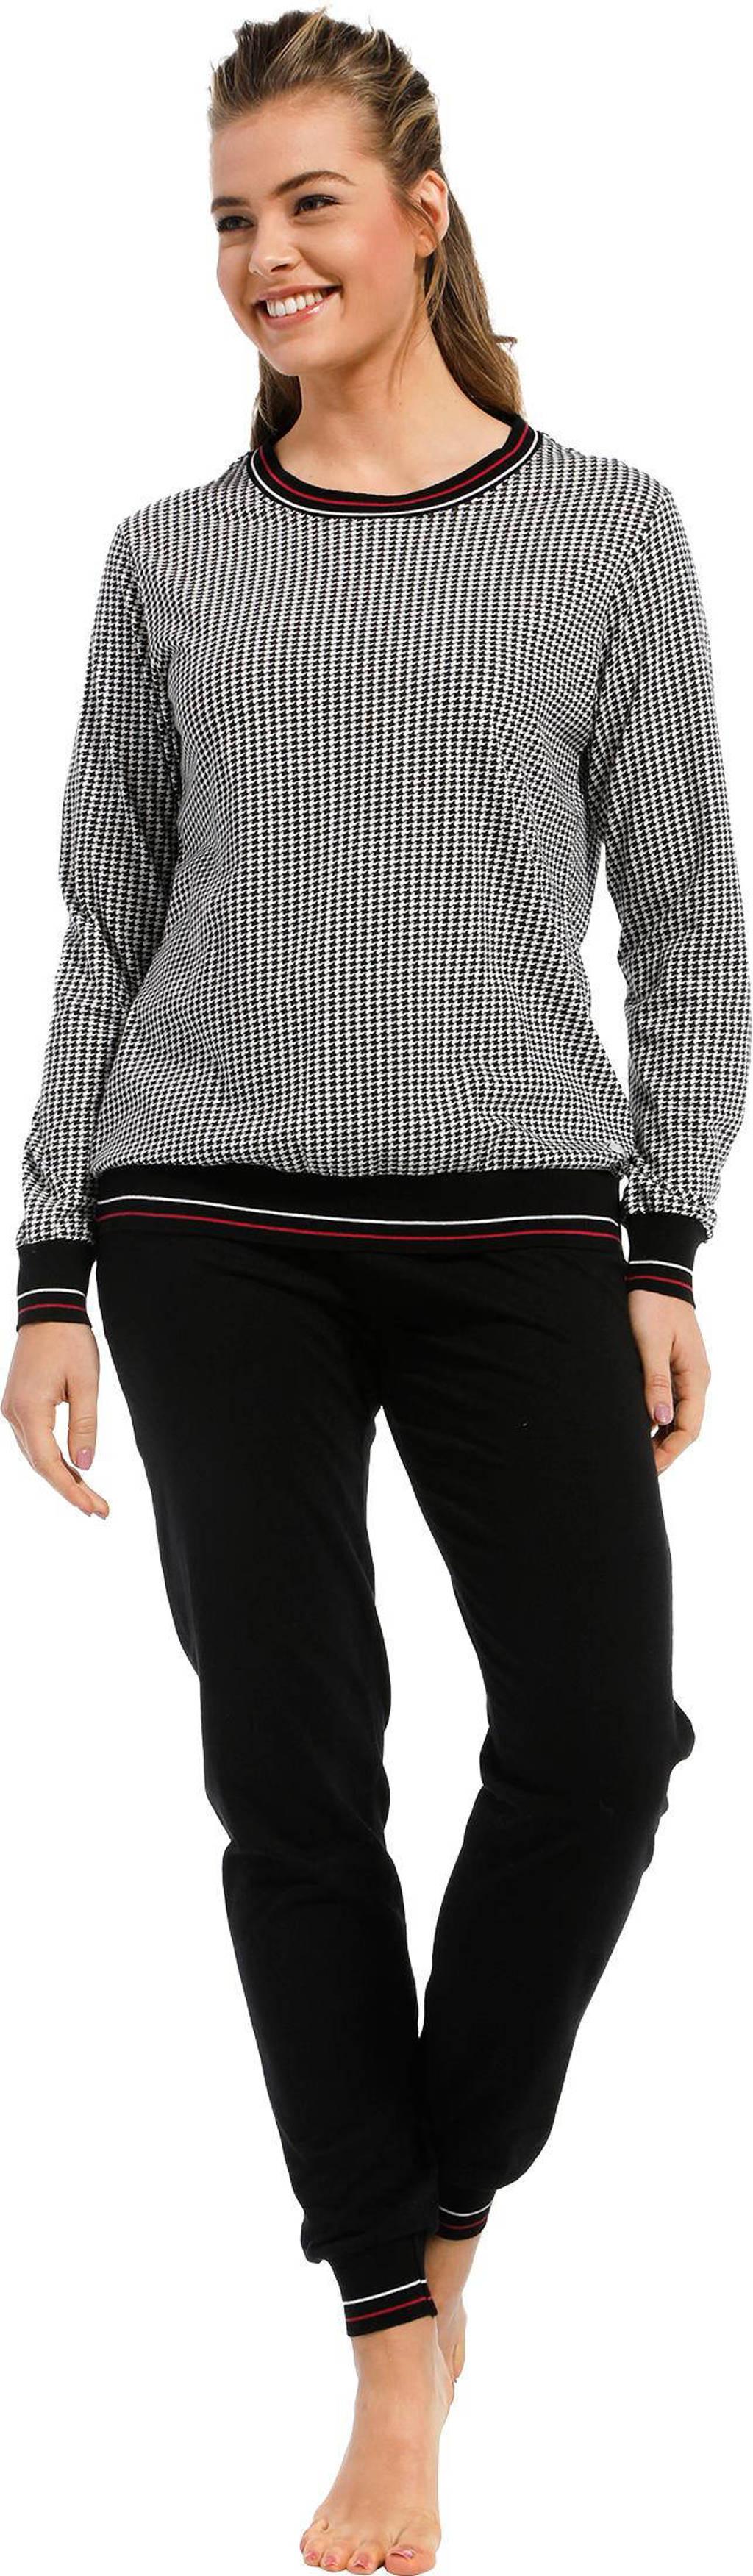 Pastunette pyjama met pied de poule print zwart, Zwart